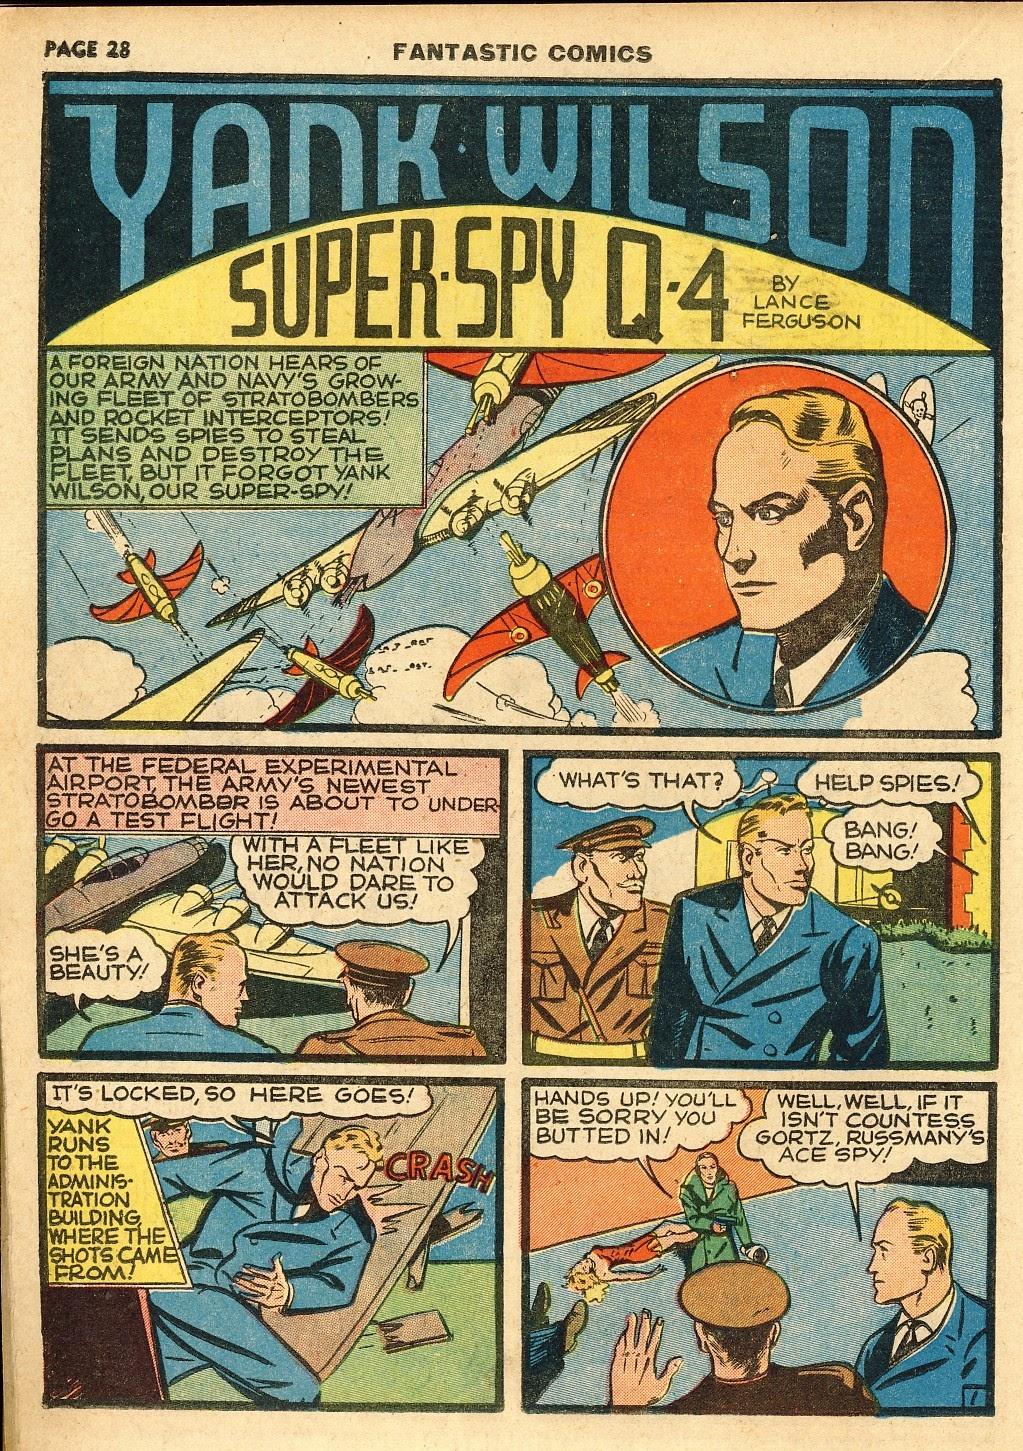 Read online Fantastic Comics comic -  Issue #10 - 29